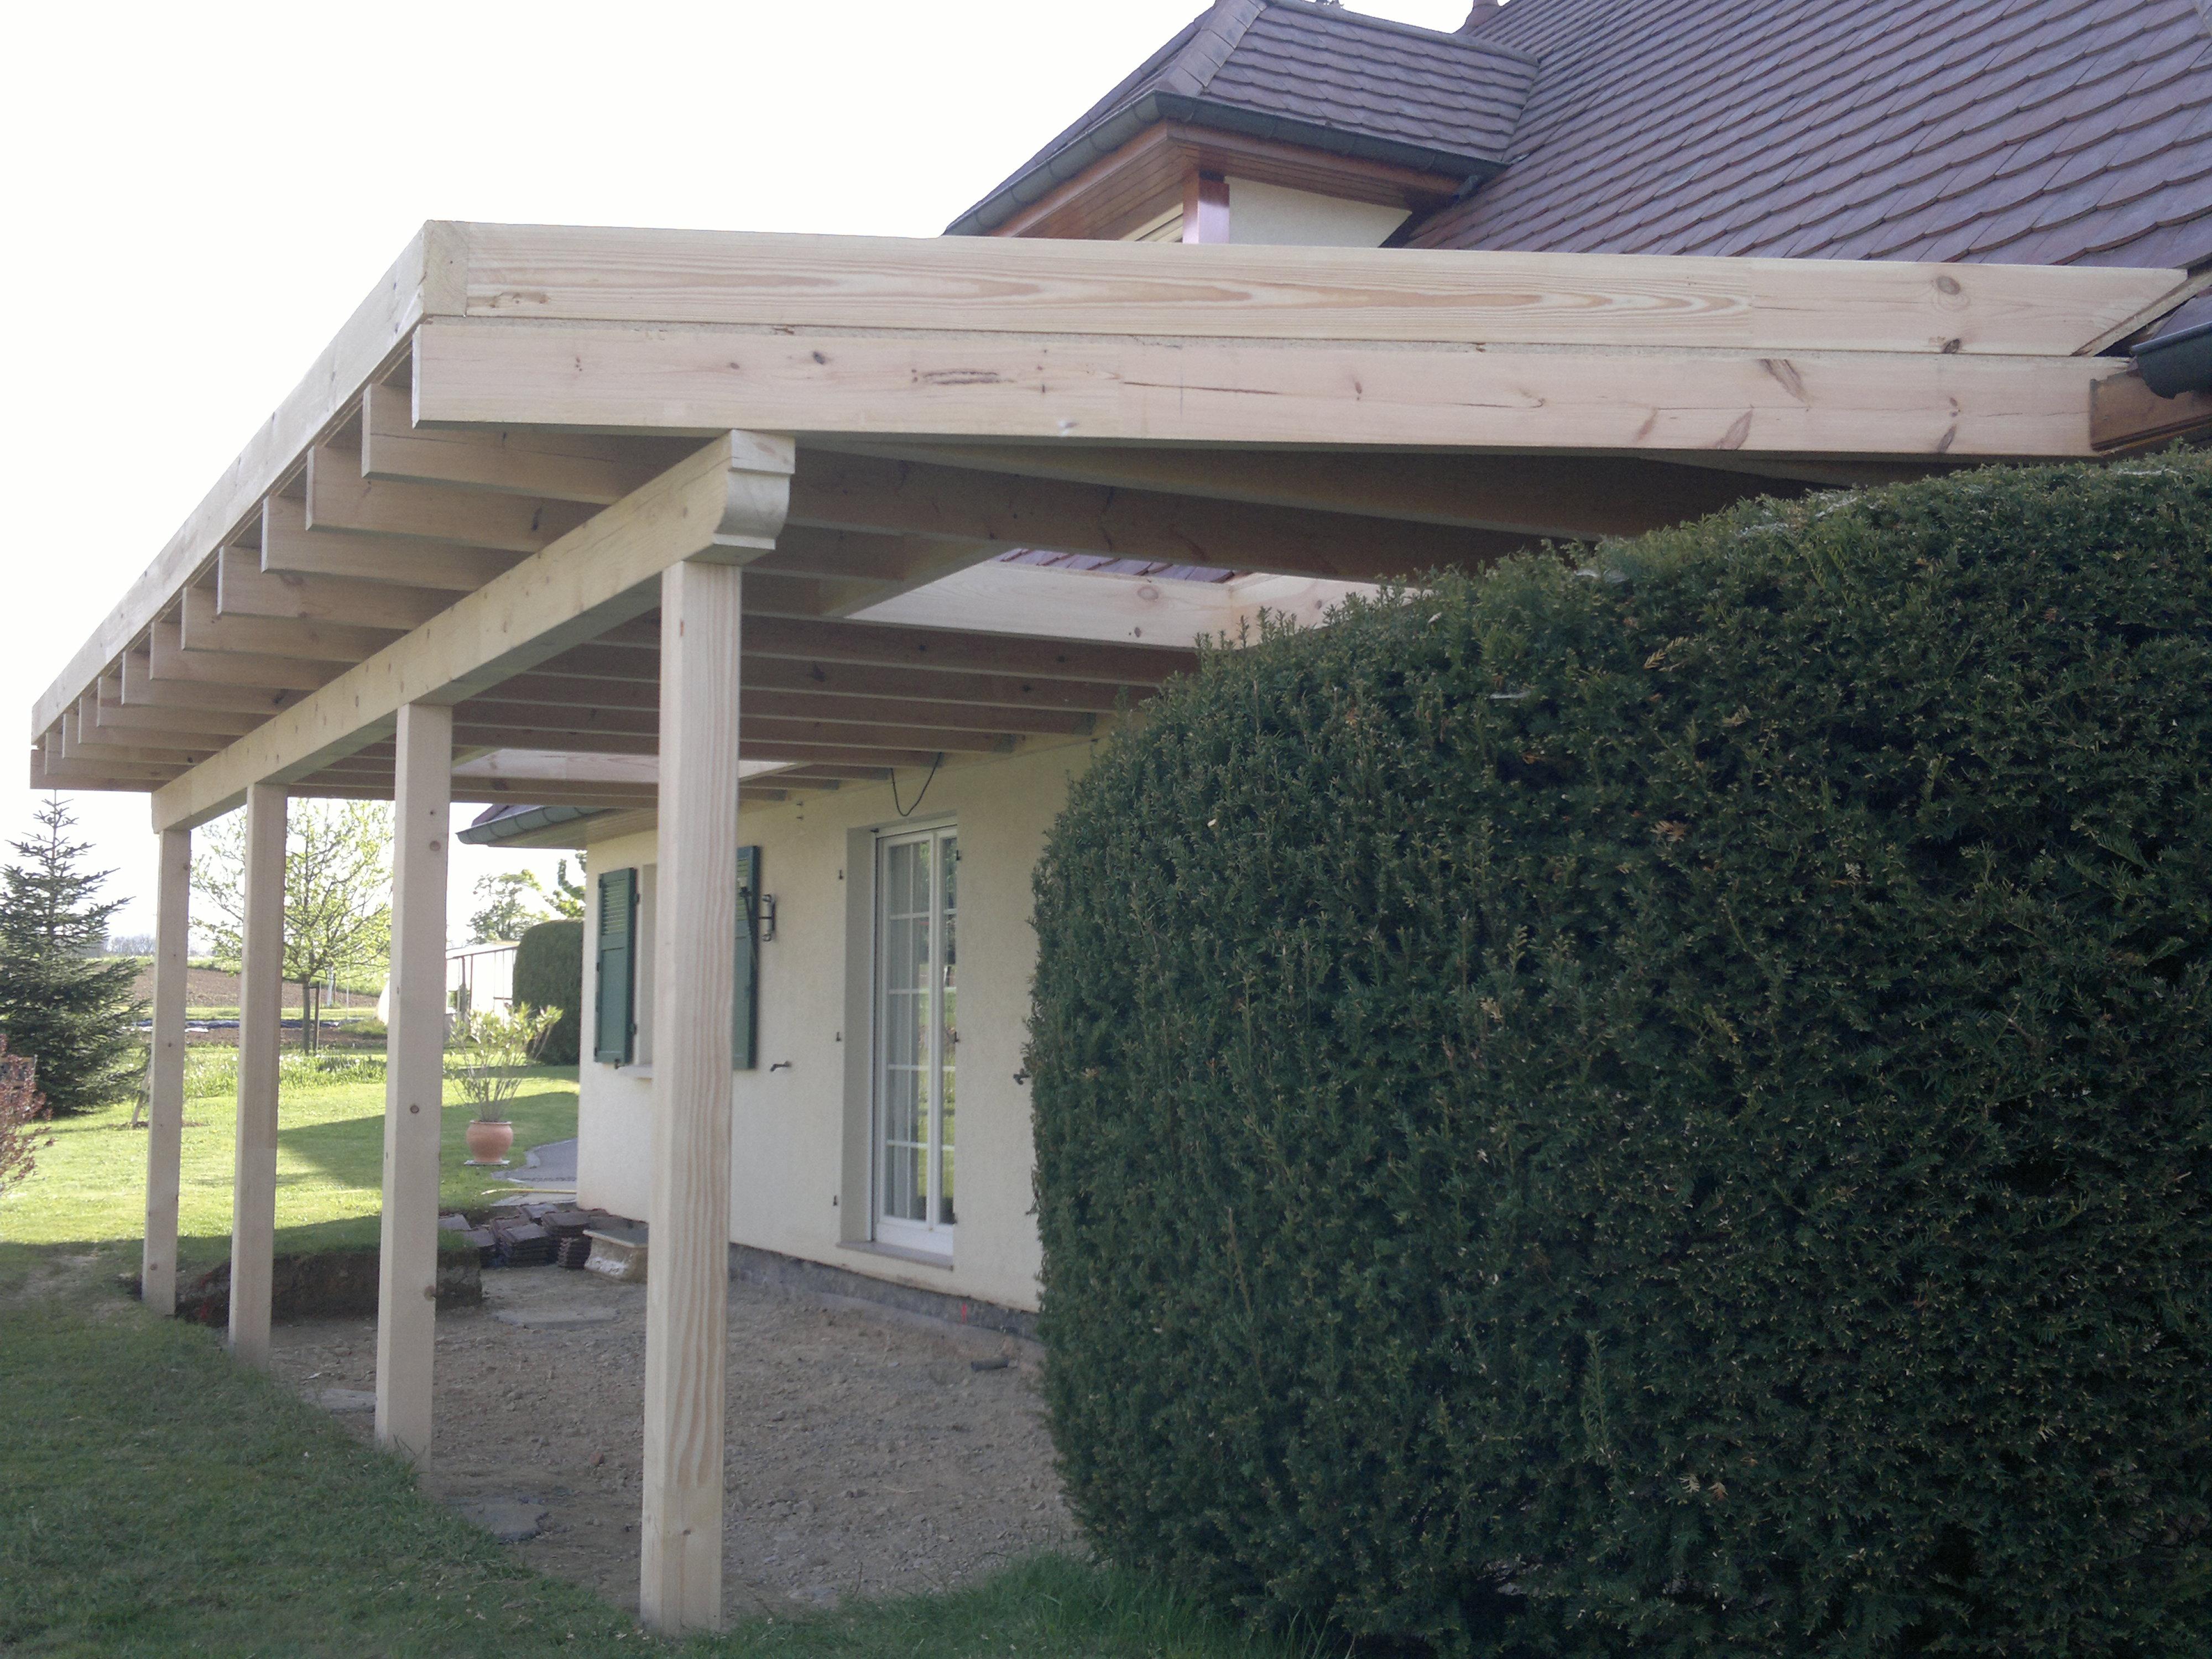 4 Astuces Pour Le Nettoyage De Votre Toiture De Terrasse ... concernant Terrasse Toit Plat